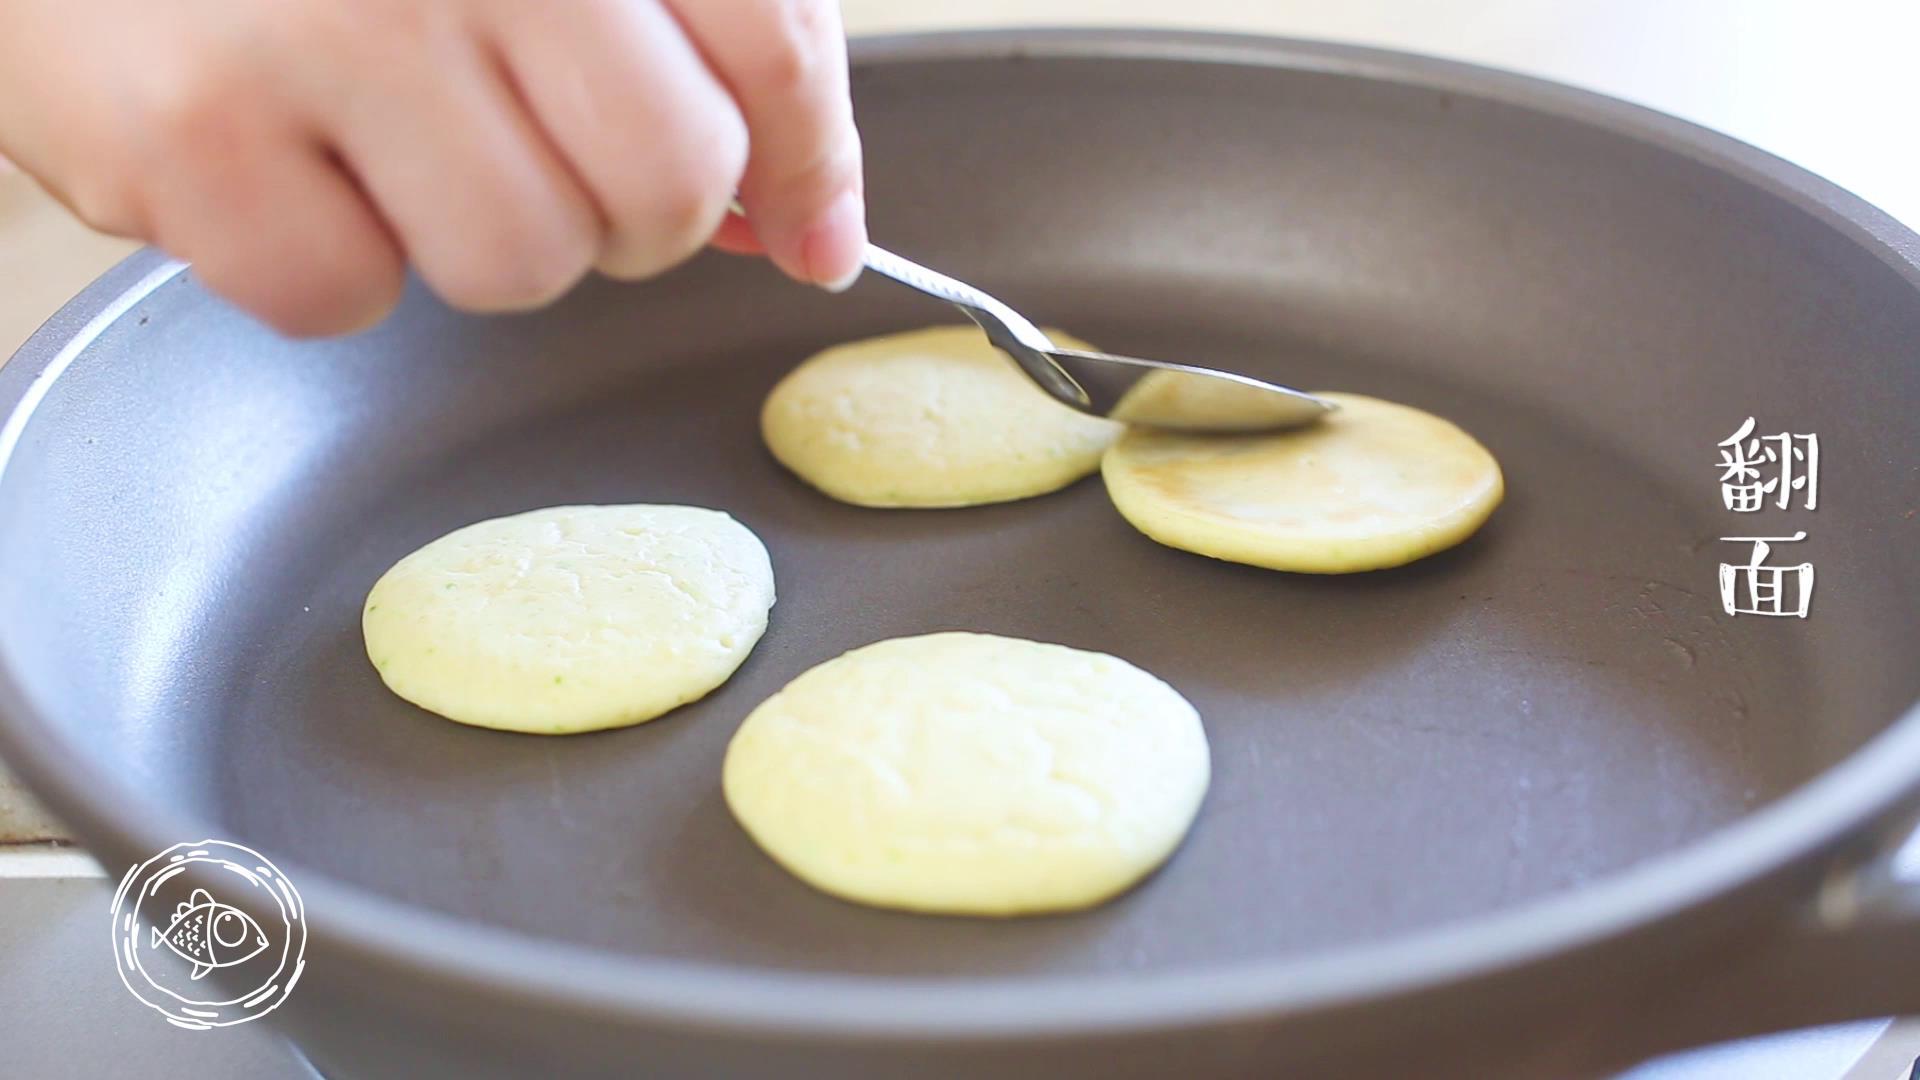 8m+小米饼(宝宝辅食),大概两分钟就可以翻面了哈,煎到两面金黄就可以出锅了哈~</p> <p>